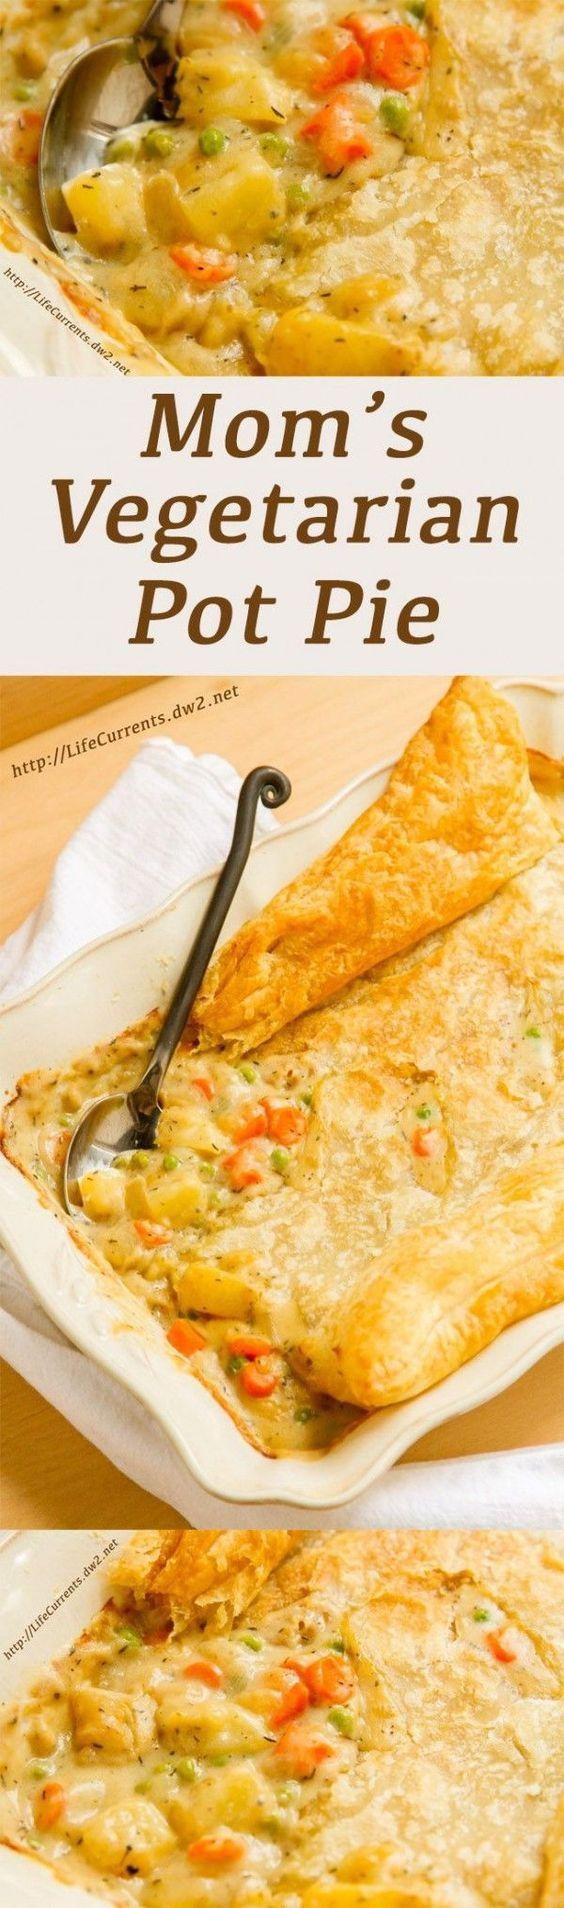 Get the recipe ♥ Mom's Vegetarian Pot Pie @recipes_to_go